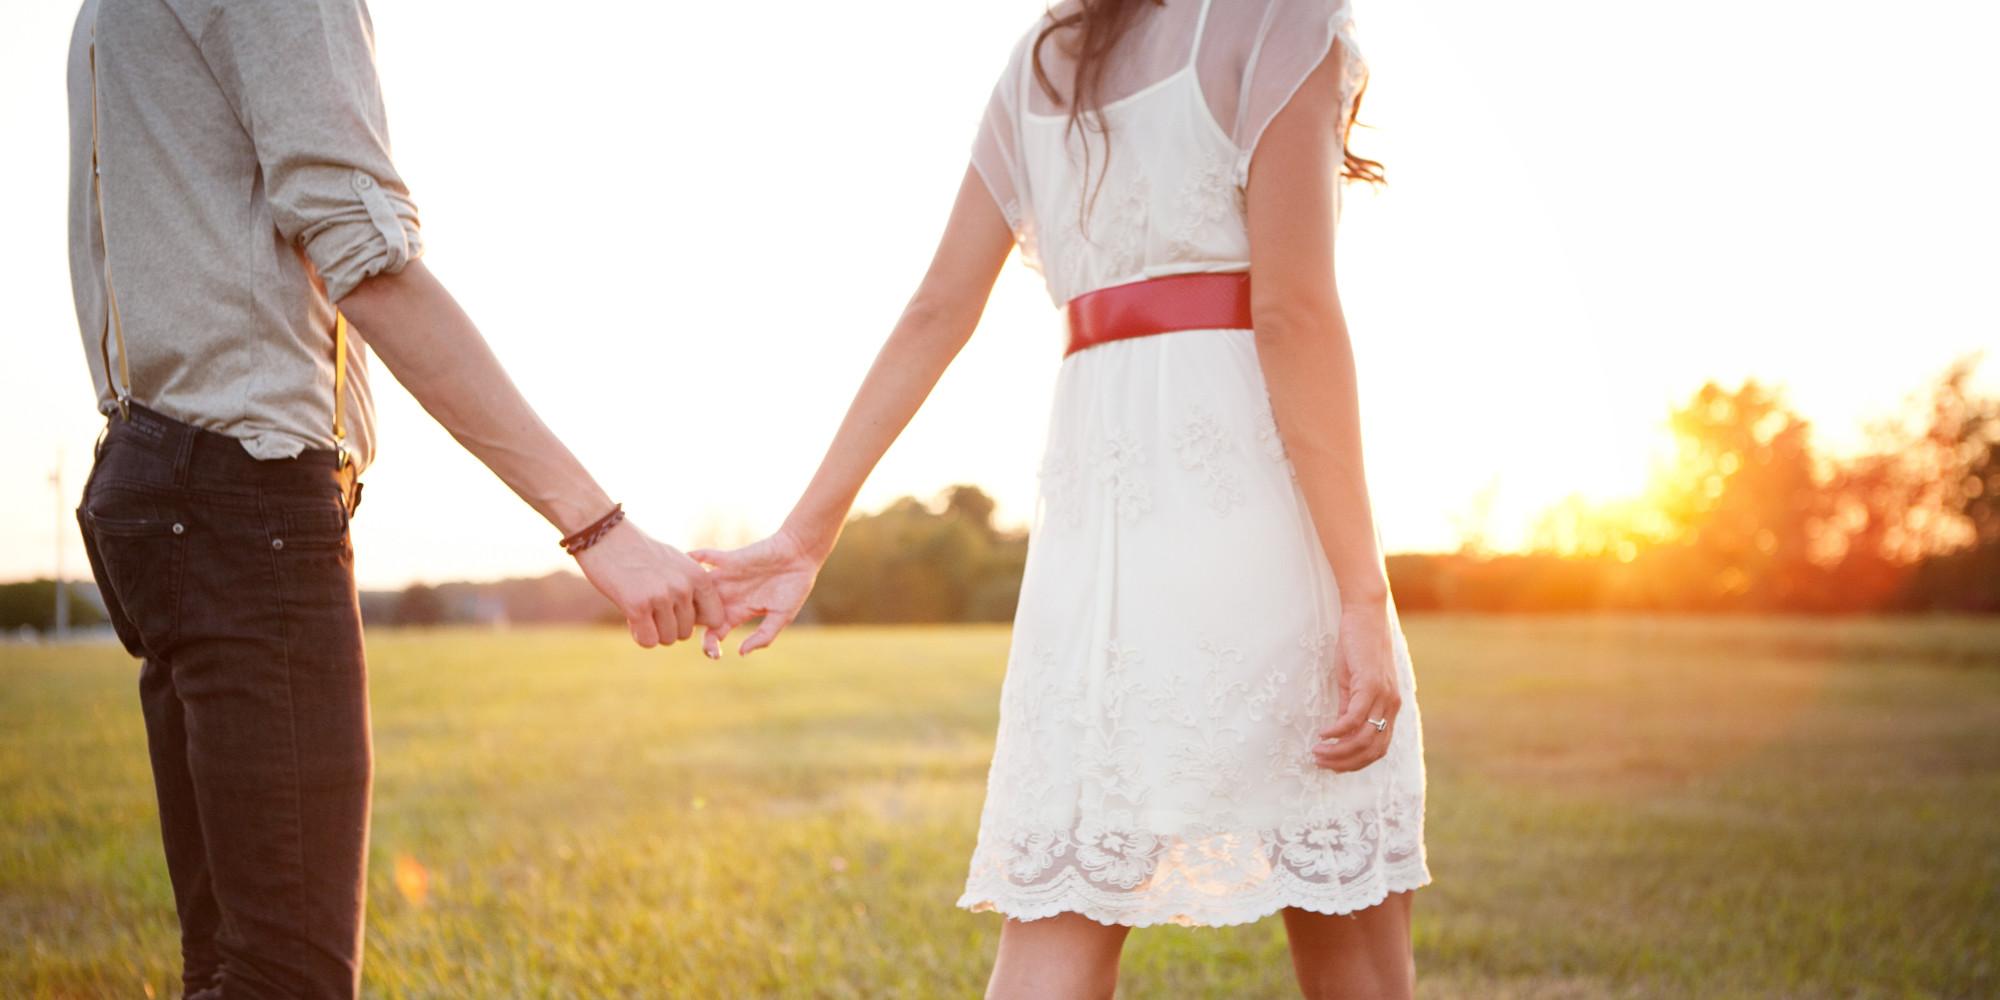 Co je příčinou výběru nesprávného partnera